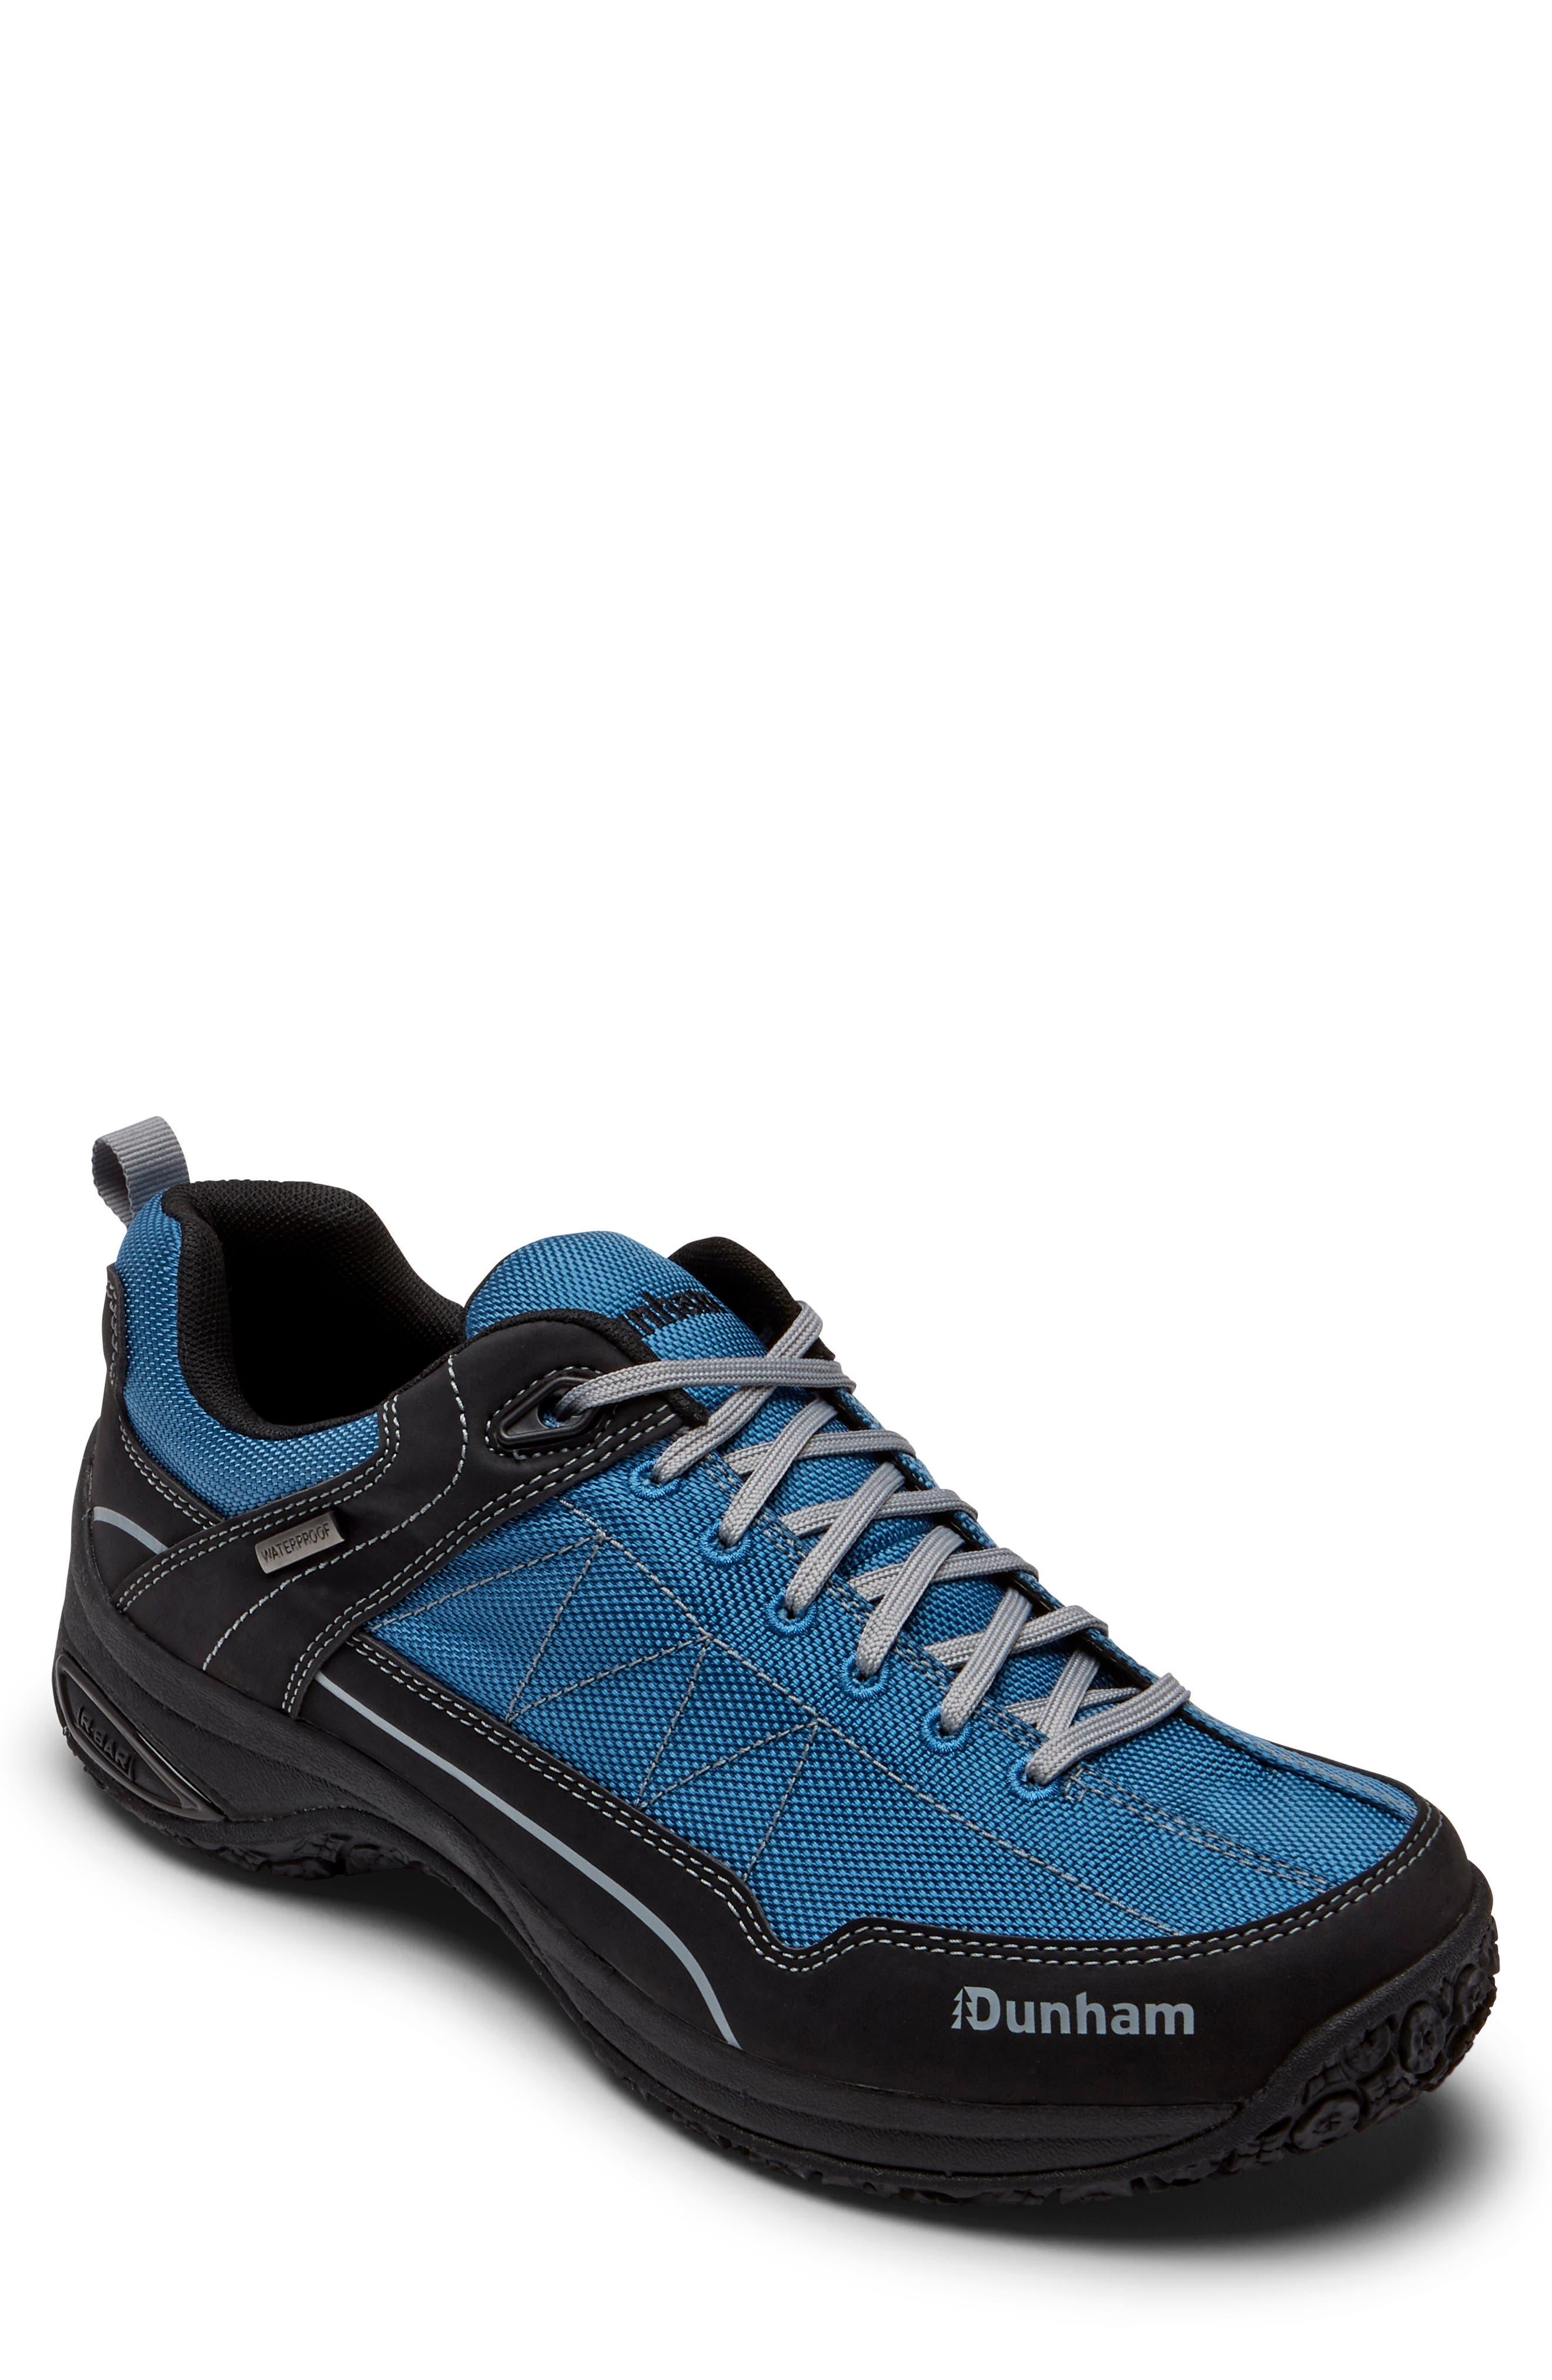 Cloud Plus Waterproof Hiking Shoe